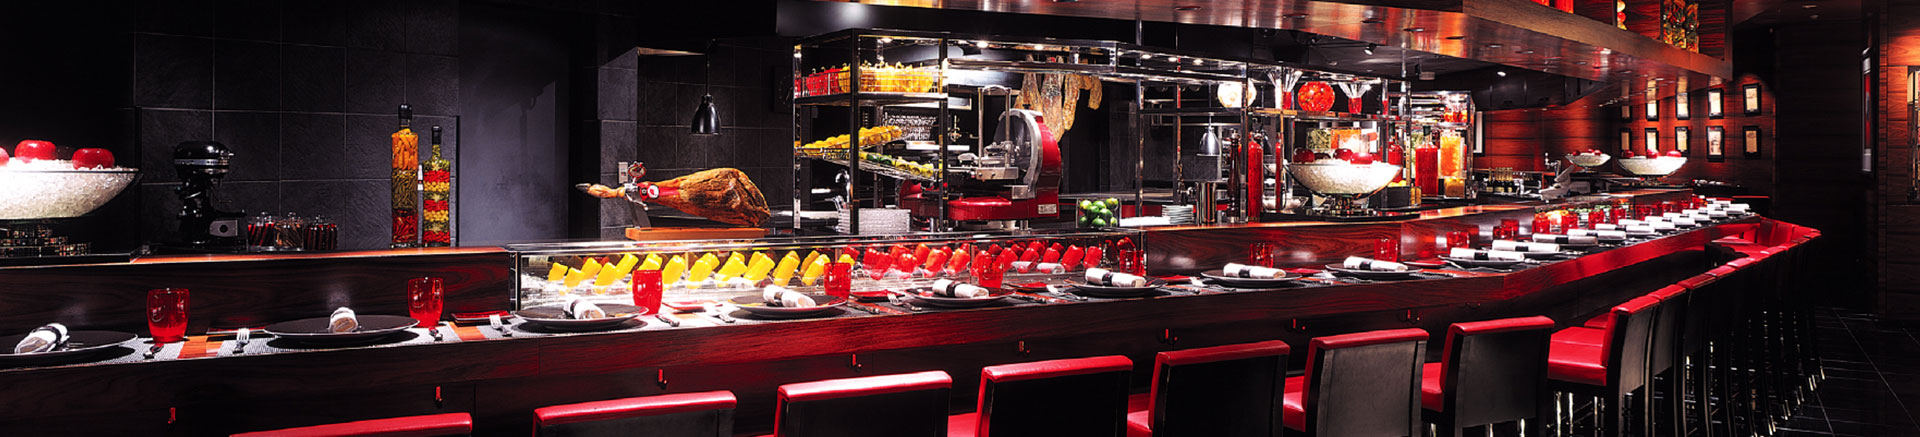 Le monde de jo l robuchon restaurants atelier jo l for Atelier cuisine montreal